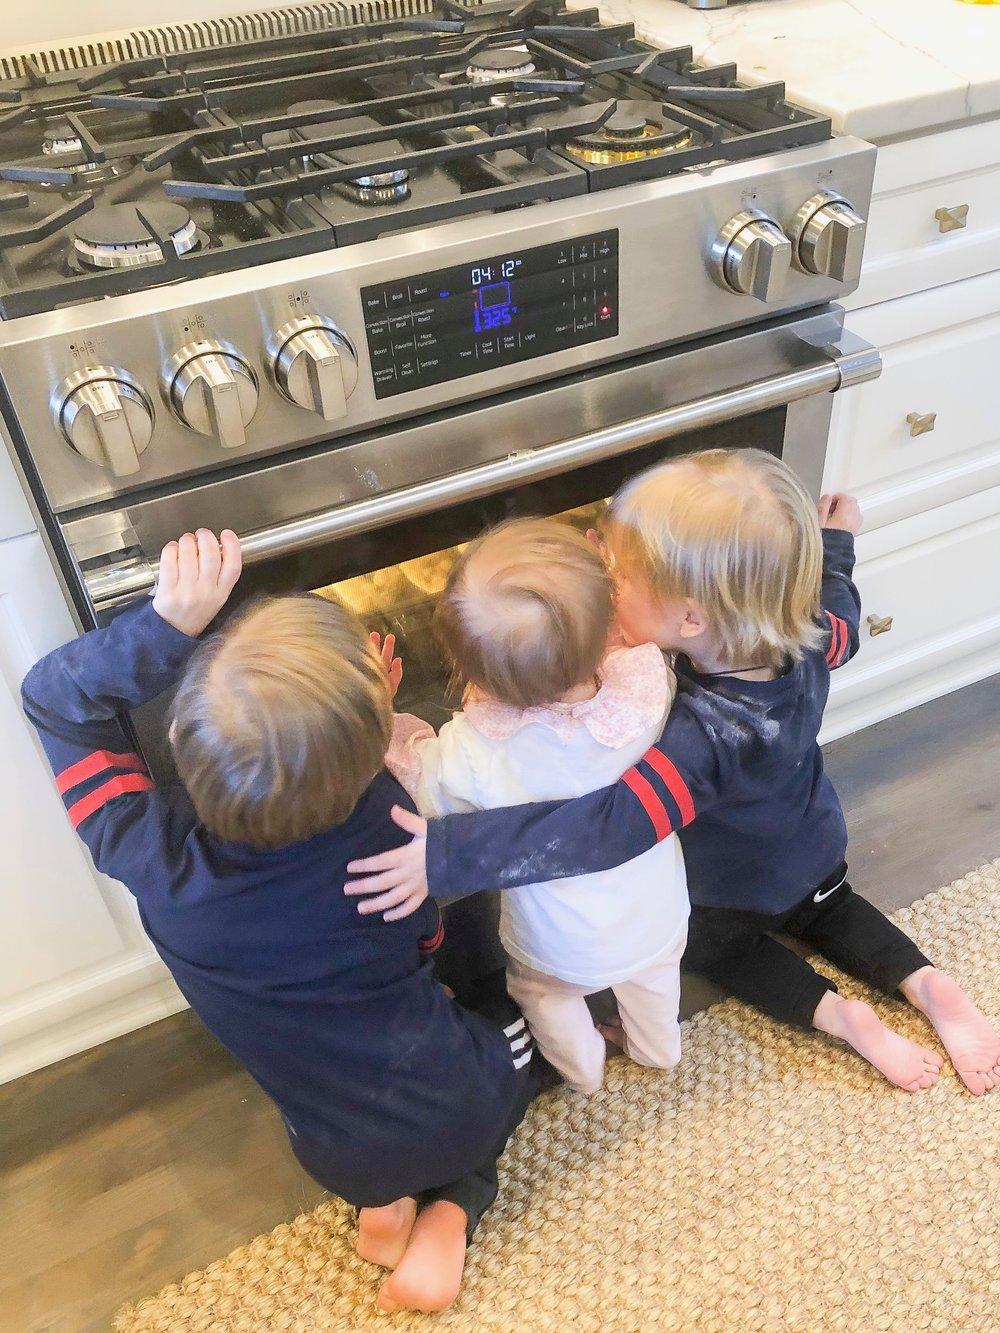 cookies kids oven.JPG